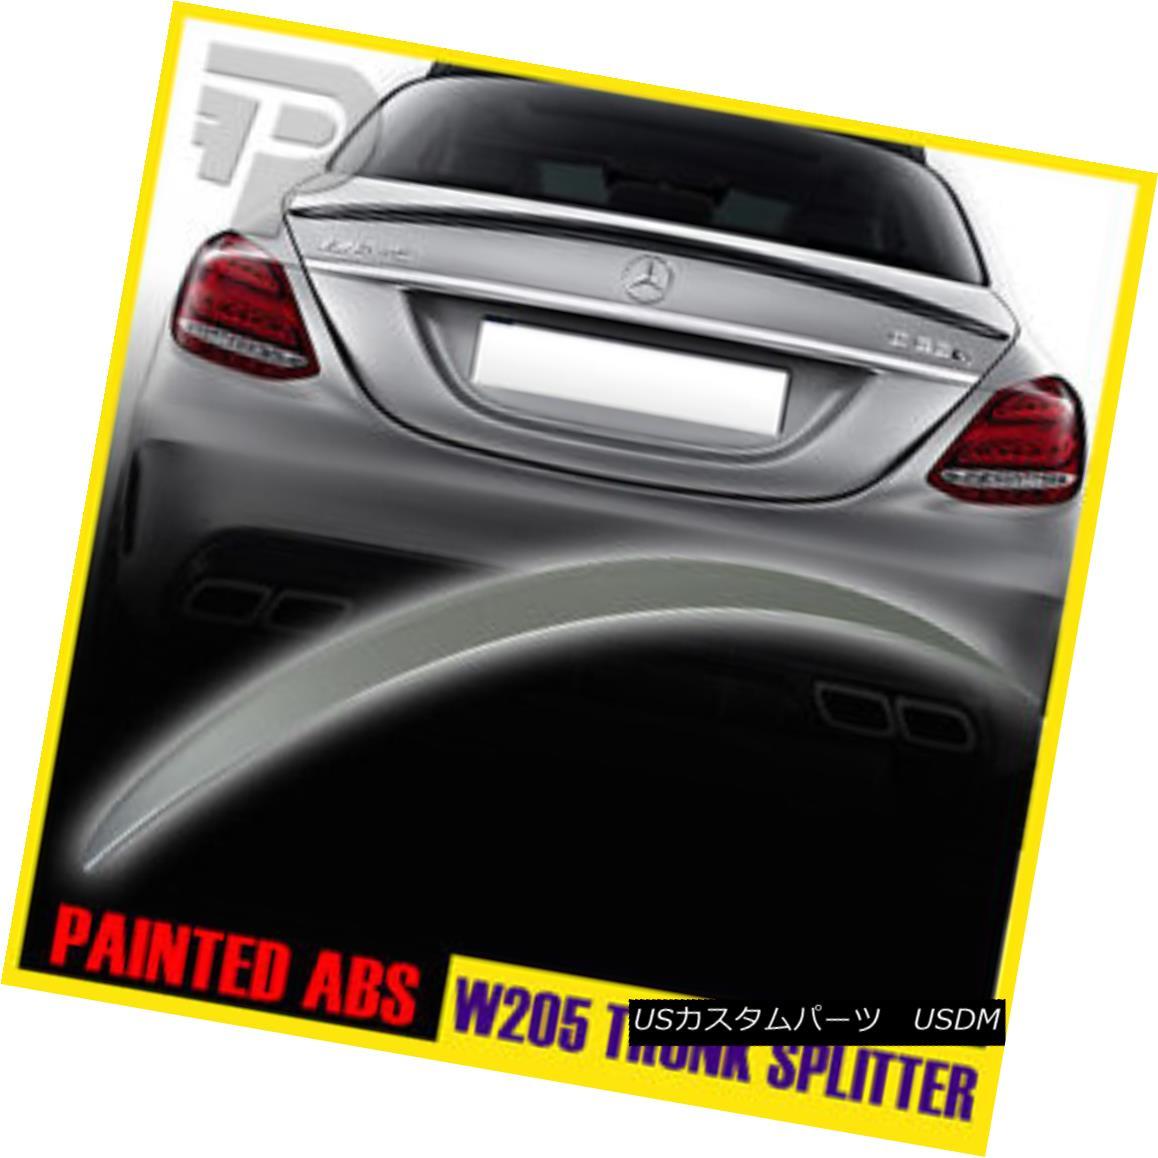 エアロパーツ PAINTED Mercedes BENZ C CLASS W205 A TYPE REAR TRUNK LIP SPOILER WING SEDAN▼ 塗装メルセデスベンツCクラスW205 Aタイプリヤトランクリップスポイラーウイングセダン?